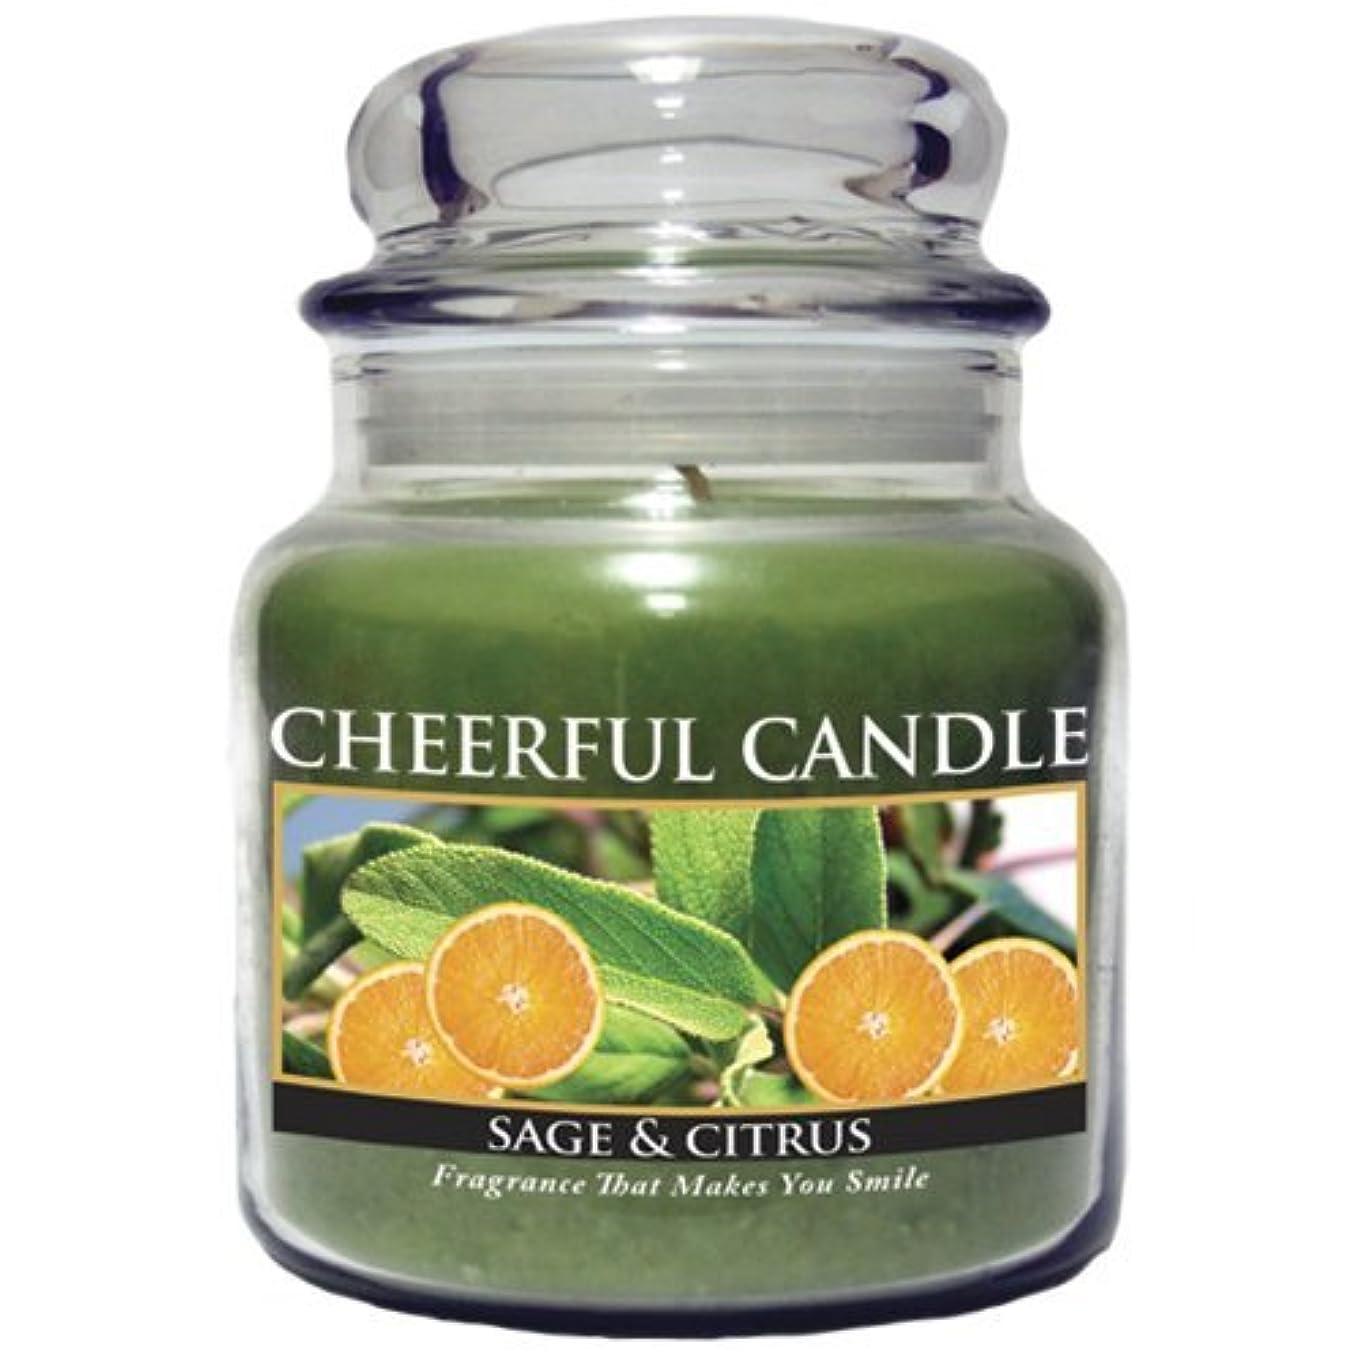 大きなスケールで見ると授業料引くA Cheerful Giver Sage and Citrus Jar Candle, 16-Ounce [並行輸入品]